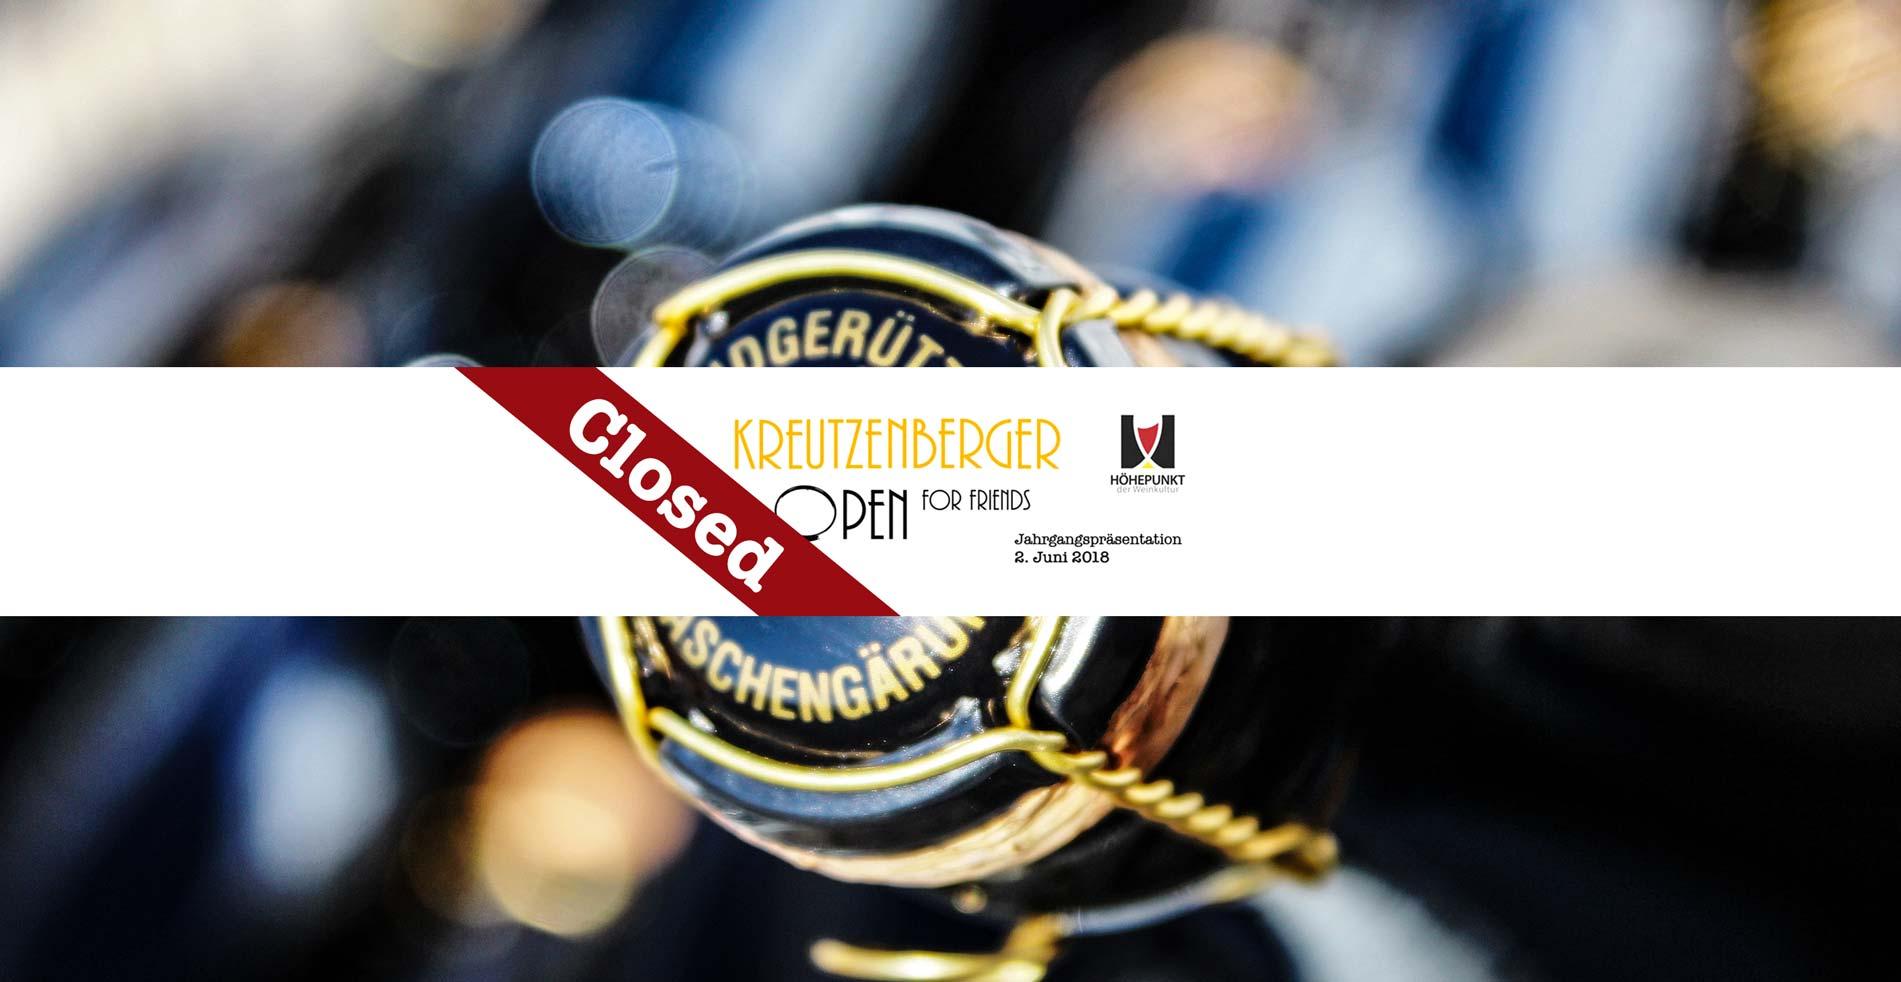 Kreutzenberger OPEN for Friends – Closed